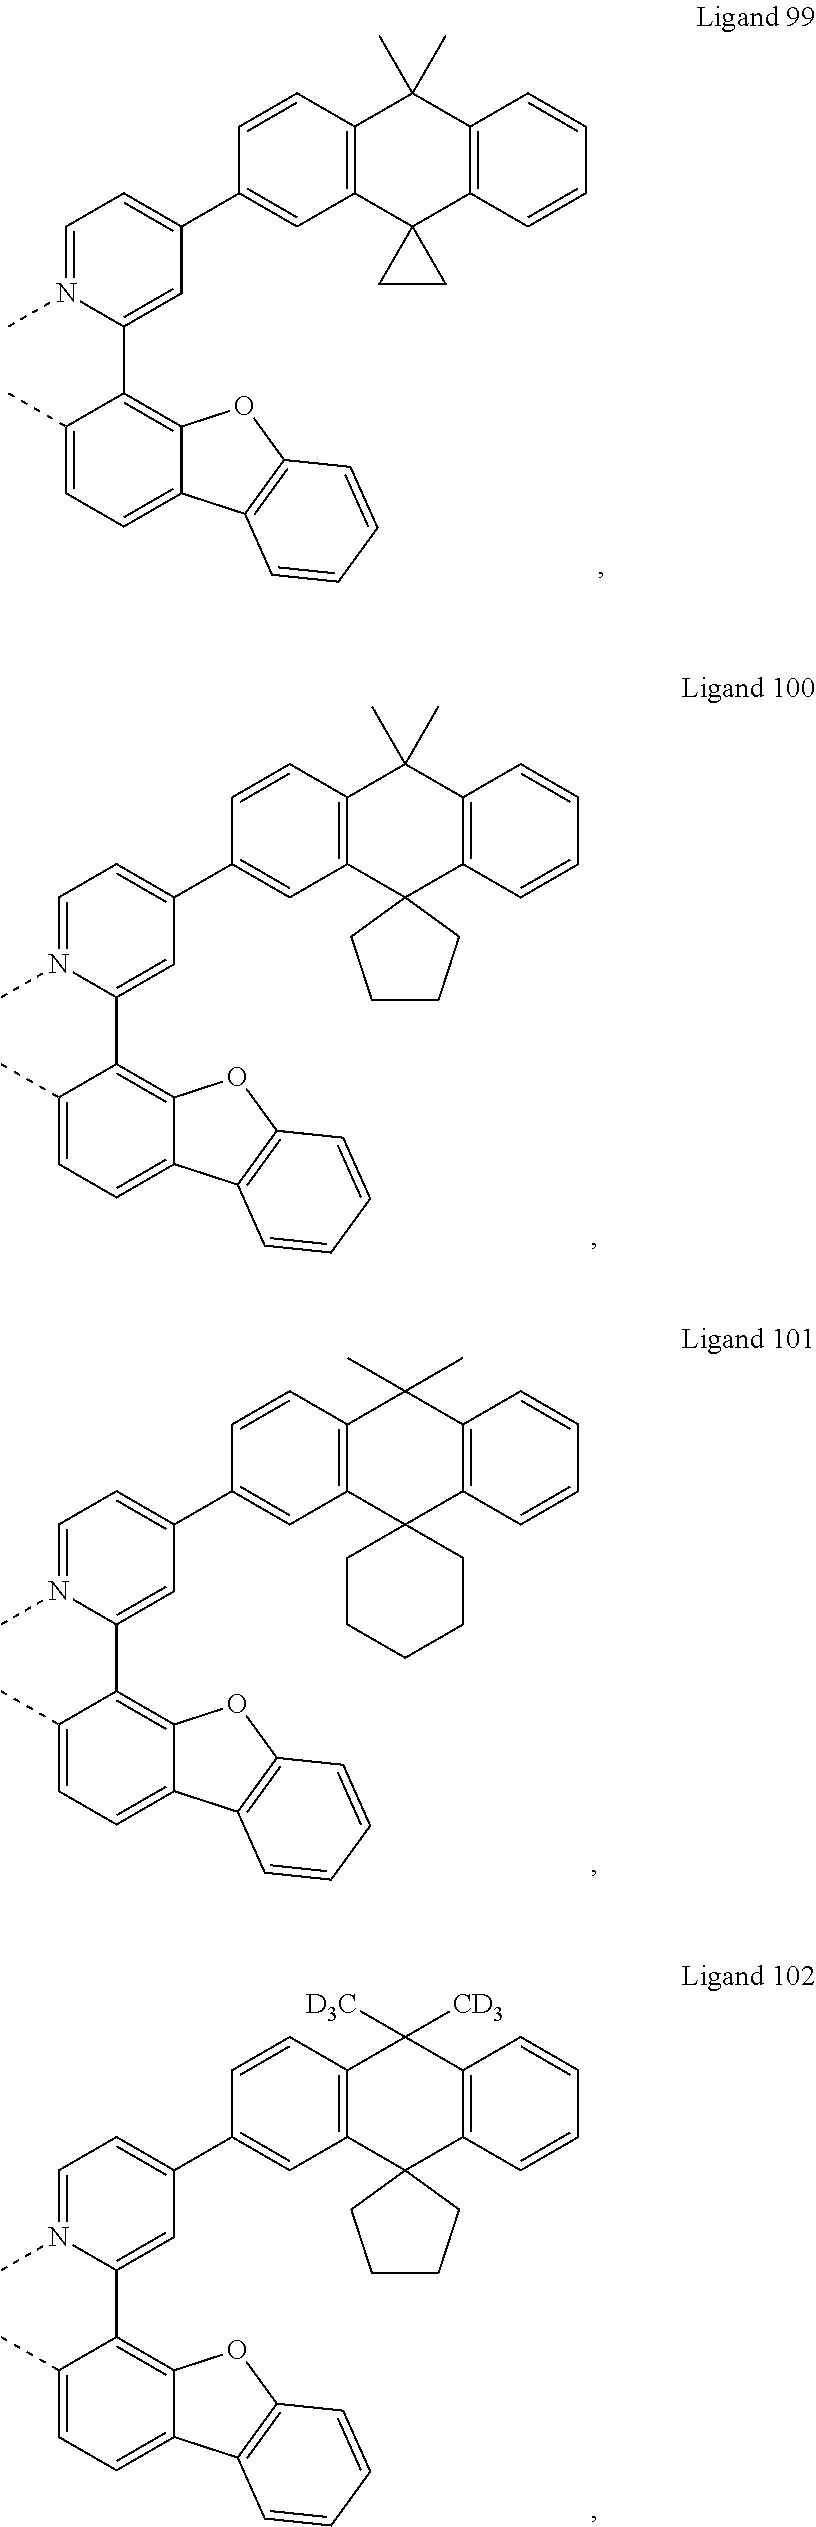 Figure US20180130962A1-20180510-C00251